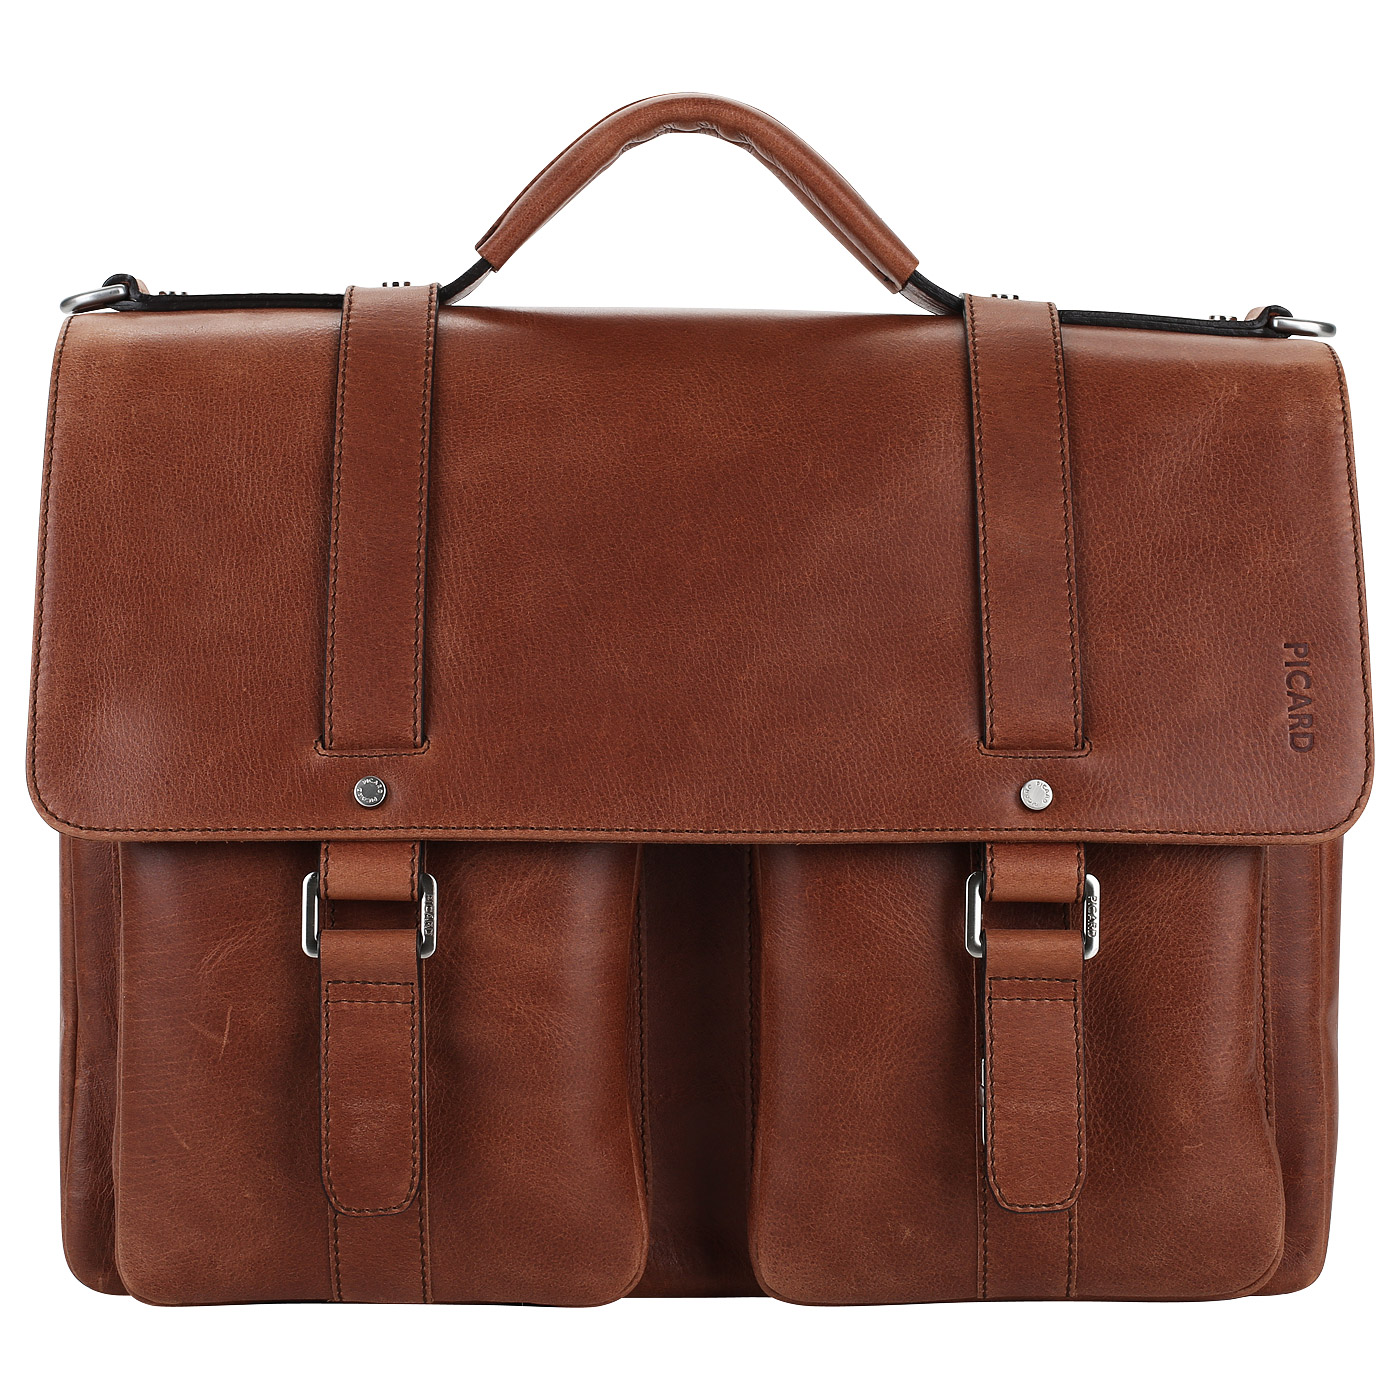 b300db12b2a0 Вместительный мужской портфель из кожи Picard Buddy Вместительный мужской  портфель из кожи Picard Buddy ...